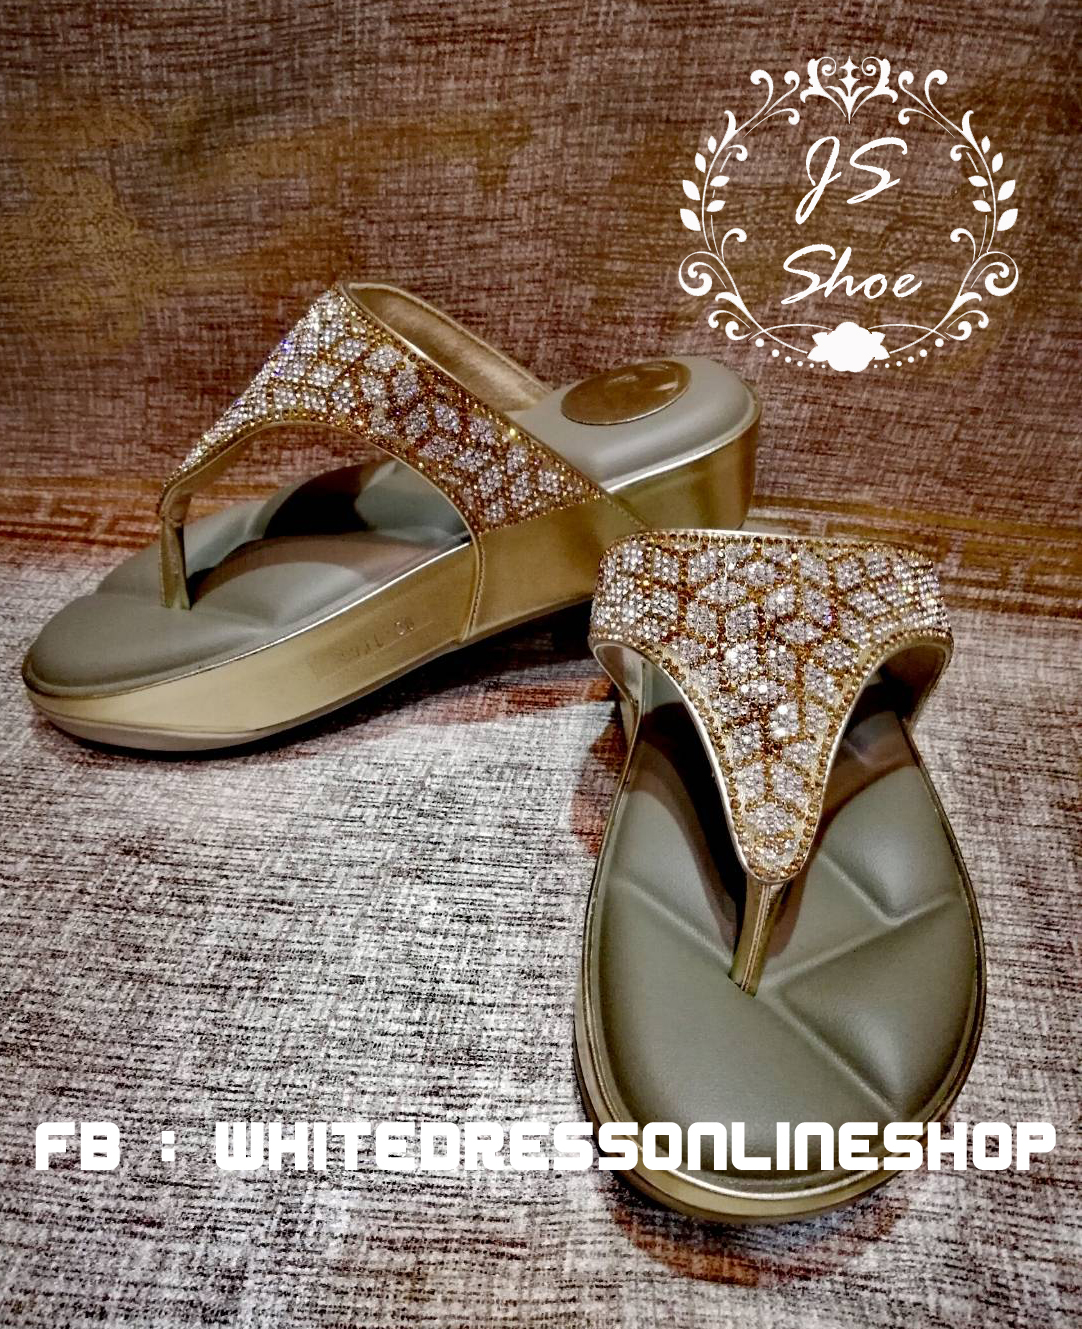 รองเท้าสุขภาพ โซฟาสีทองอร่ามสวย หน้าเพชรลายสวยมากก บุด้านในคาดนุ่มสบายเท้า ด้านข้างคาดหนังสีทองสวย